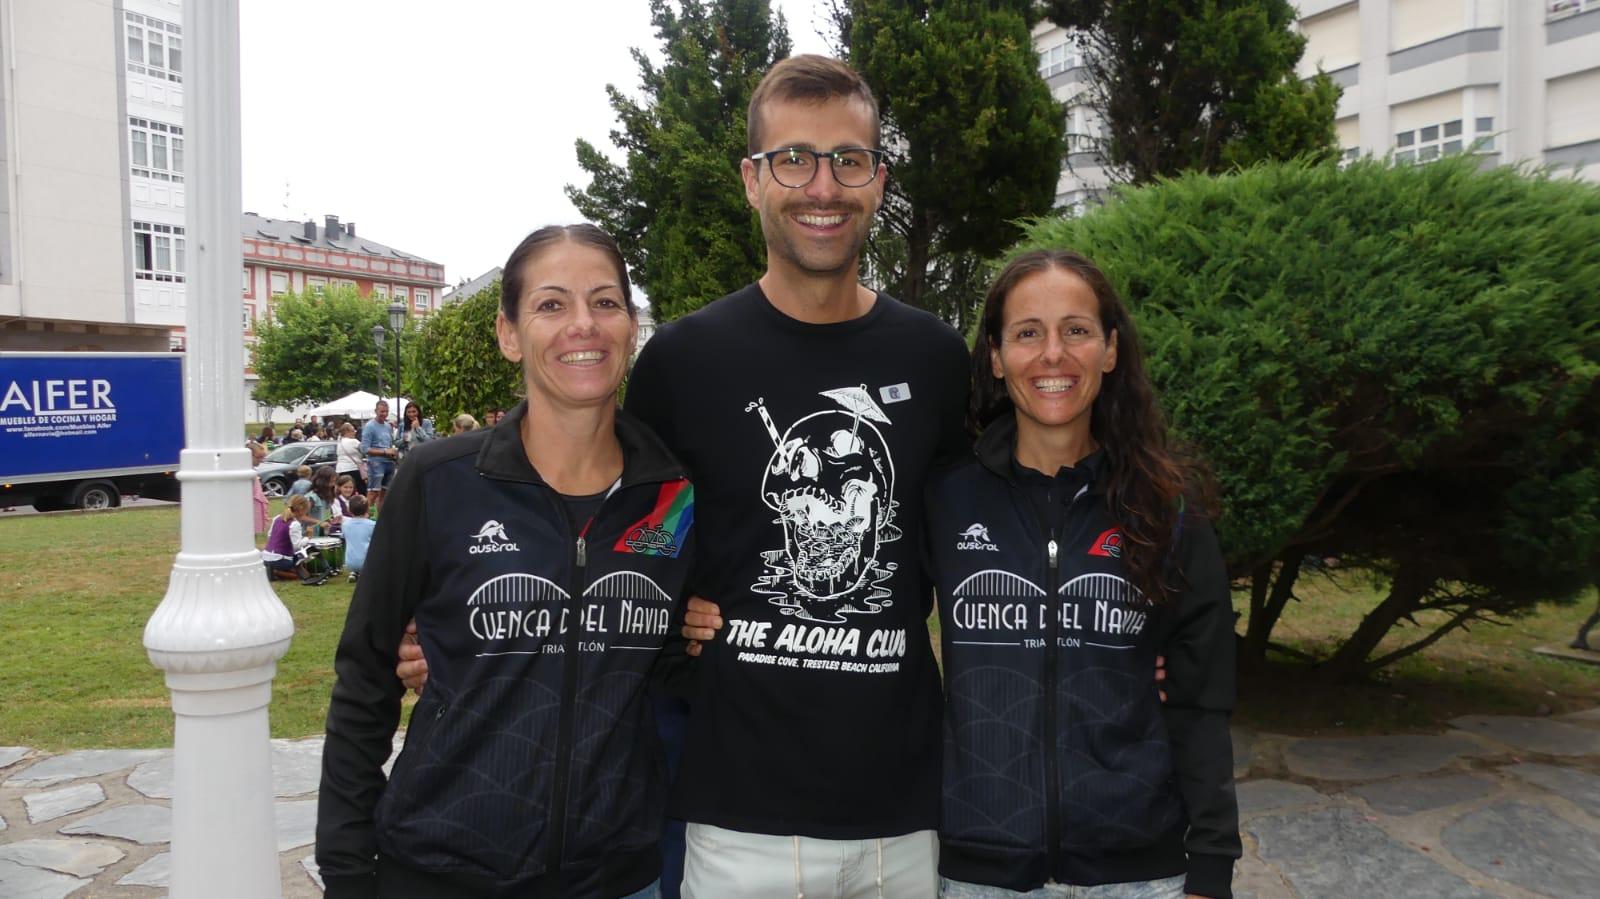 Los Hermanos Naviegos Verónica, Natalia y Fran Valle del Río, nadaron por primera vez juntos la distancia de 2.400 metros del Descenso